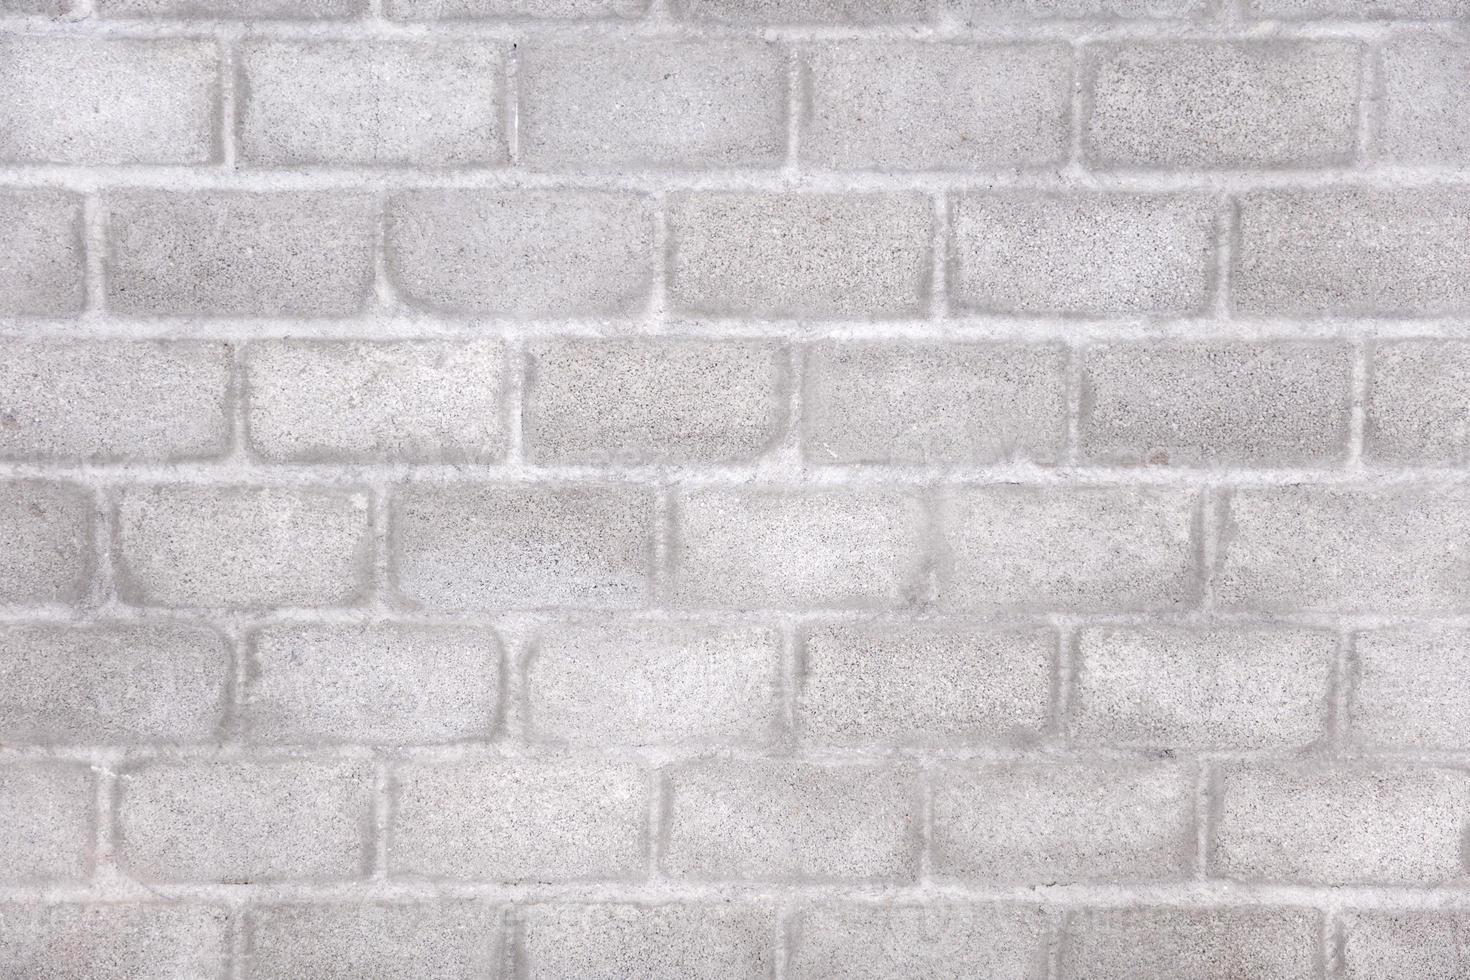 détail du mur de briques photo